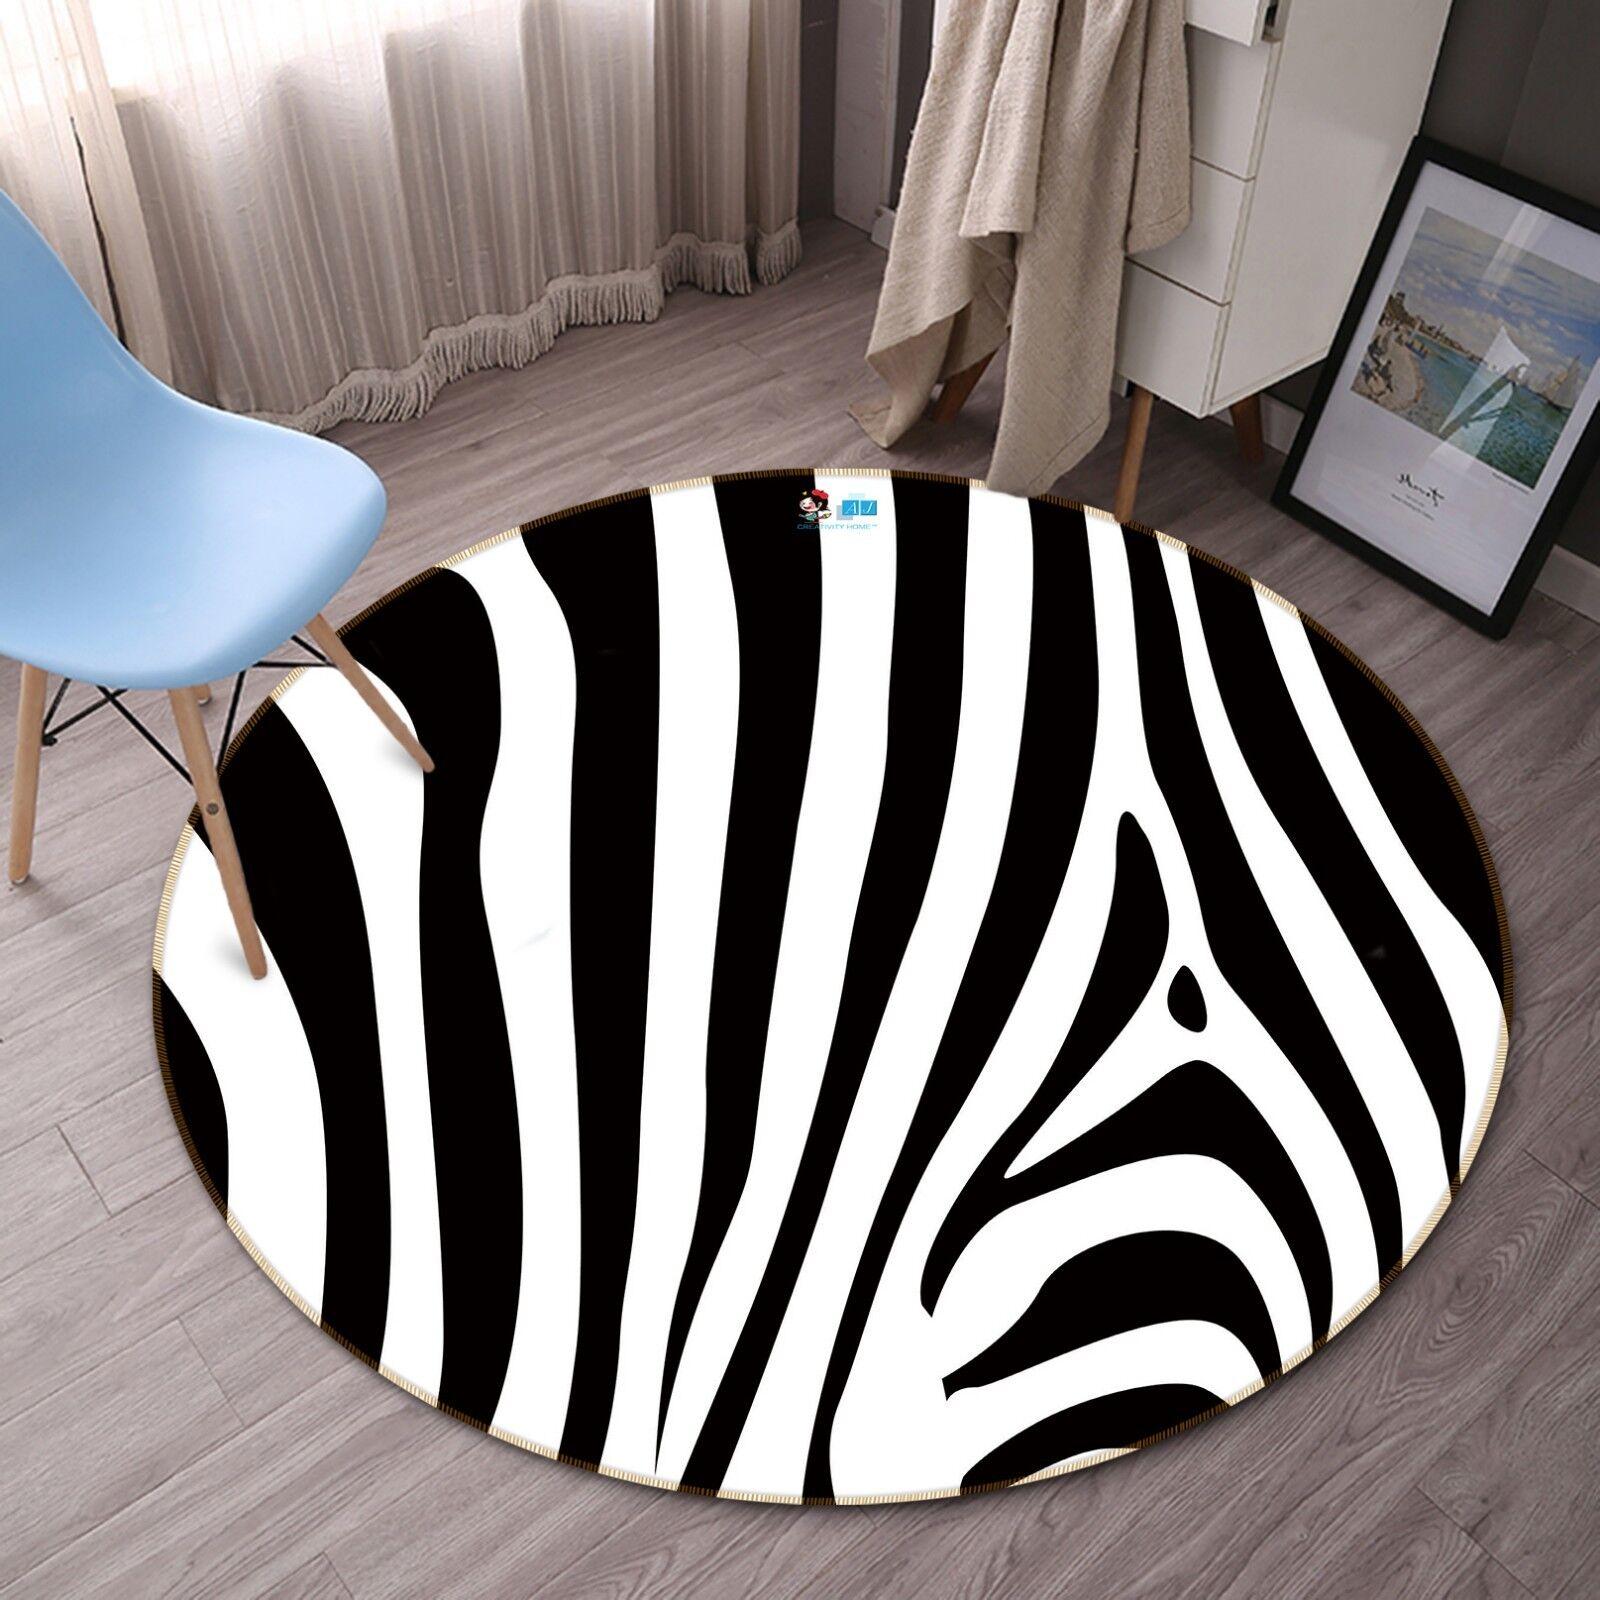 3D linee astratte 5 tappetino antiscivolo tappeto camera Tappetino Tondo Qualità Elegante Tappeto foto